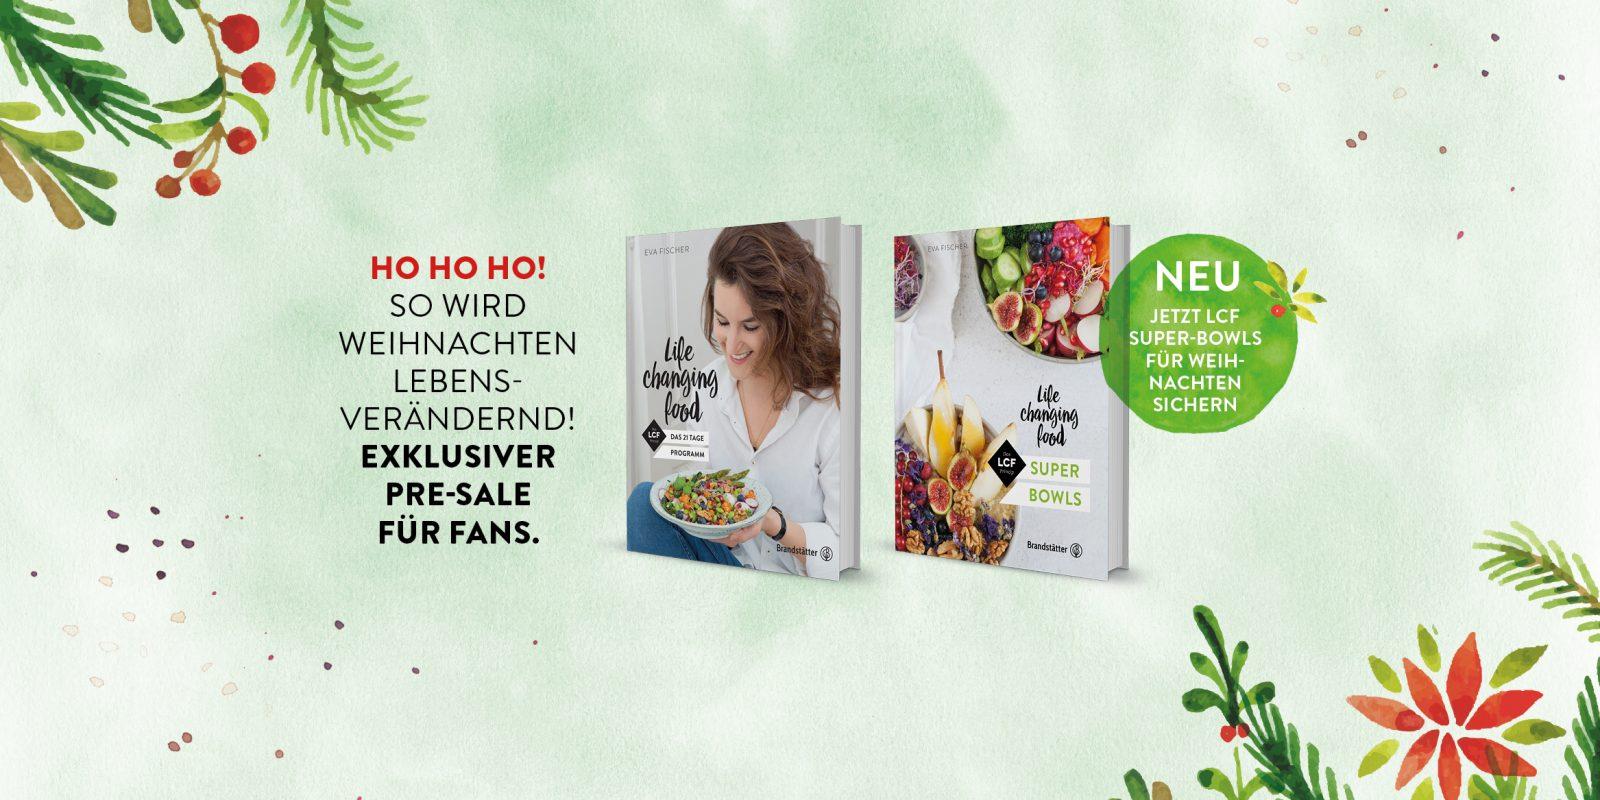 Bild für Life changing food & 3 Jahre Foodtastic